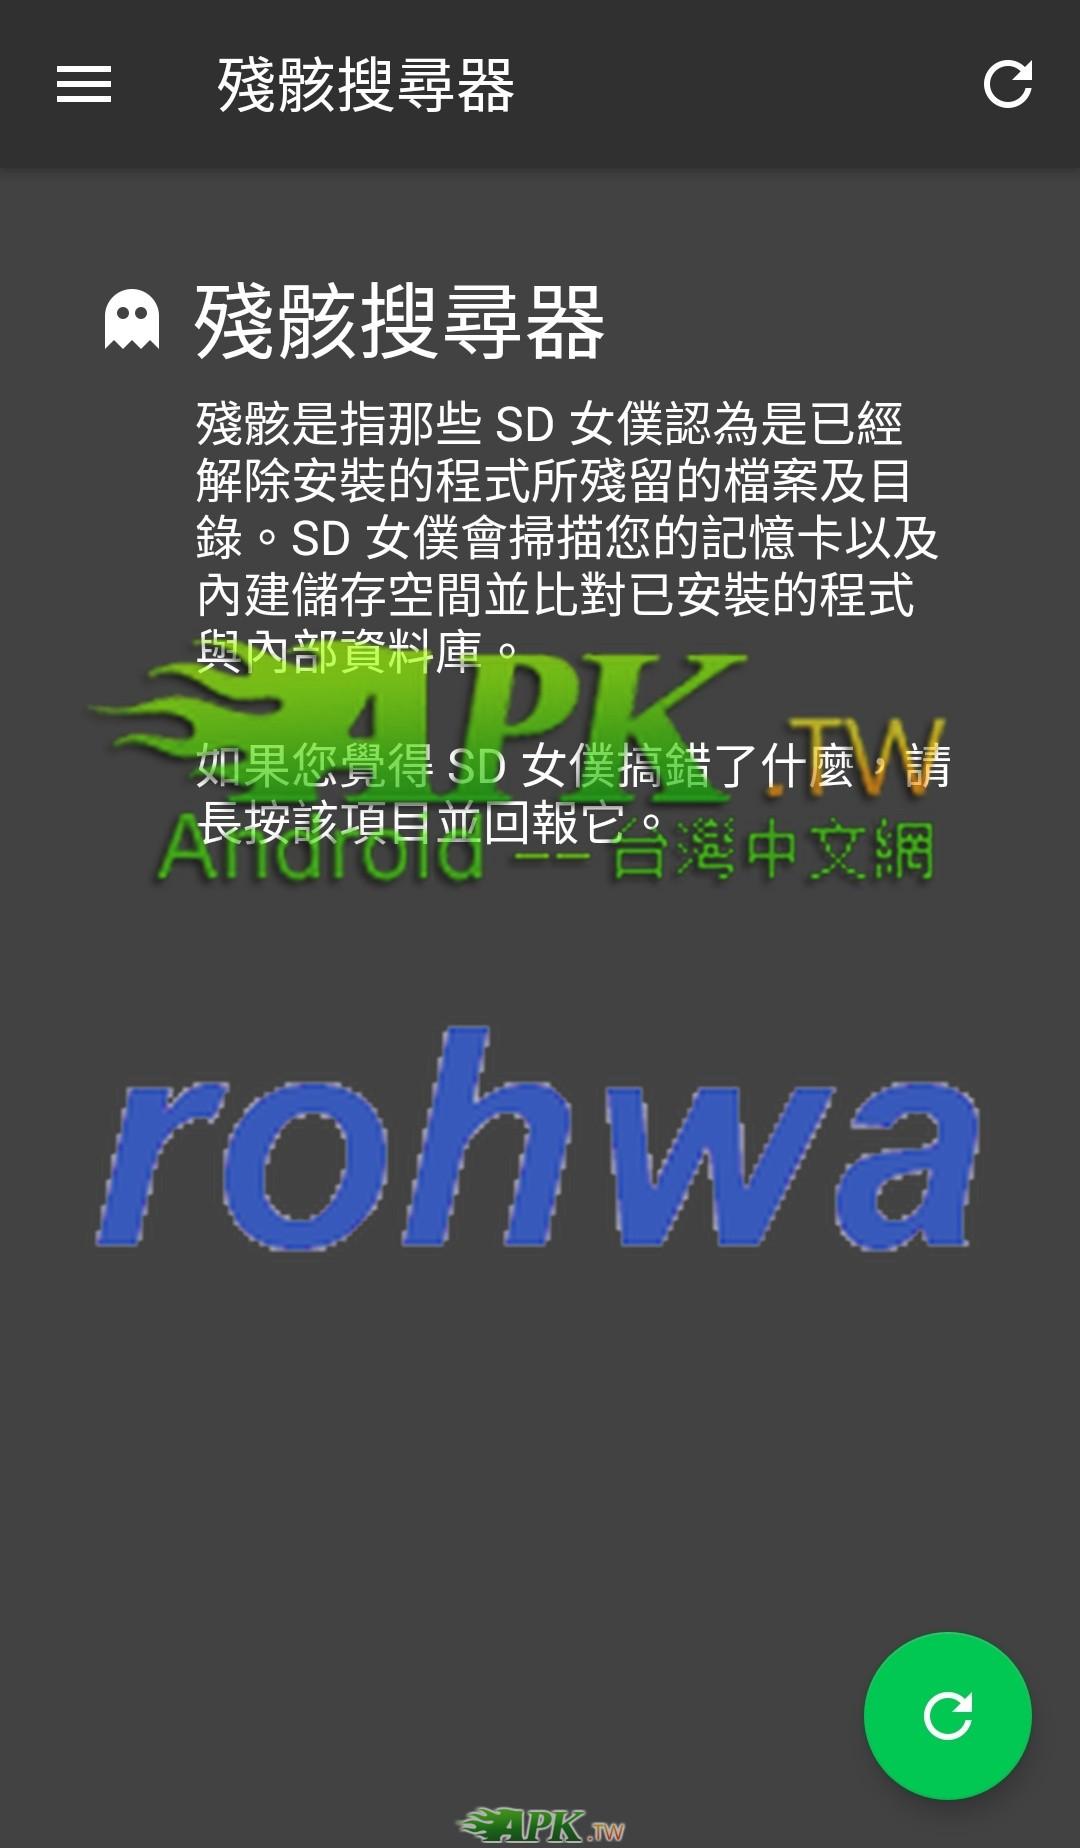 SD_Maid__3_.jpg